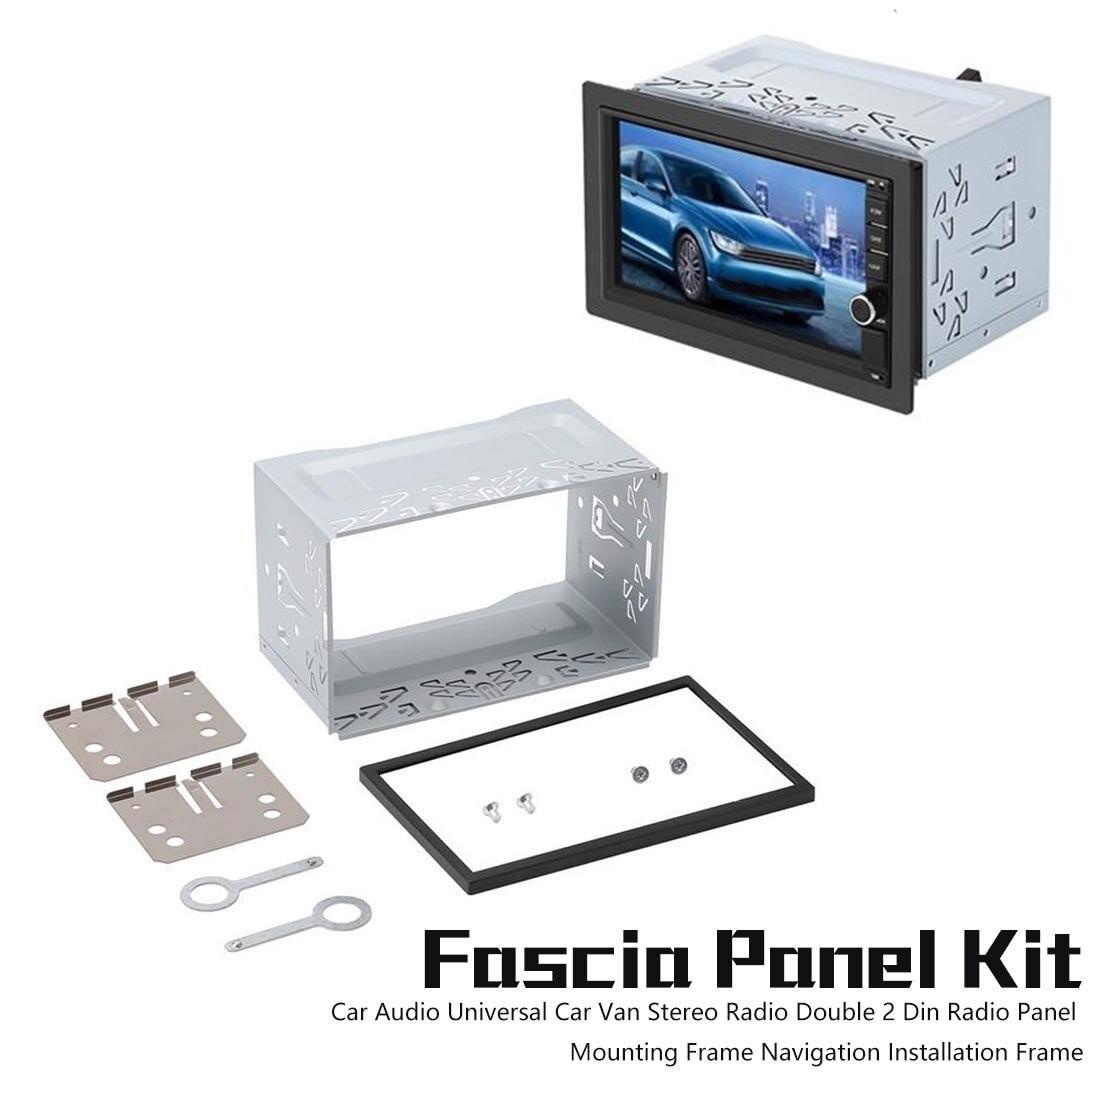 Doppio 2 Din Radio Pannello Telaio di Montaggio di Navigazione Installazione Framecar Audio Iso Universal Car Van Stereo Radio